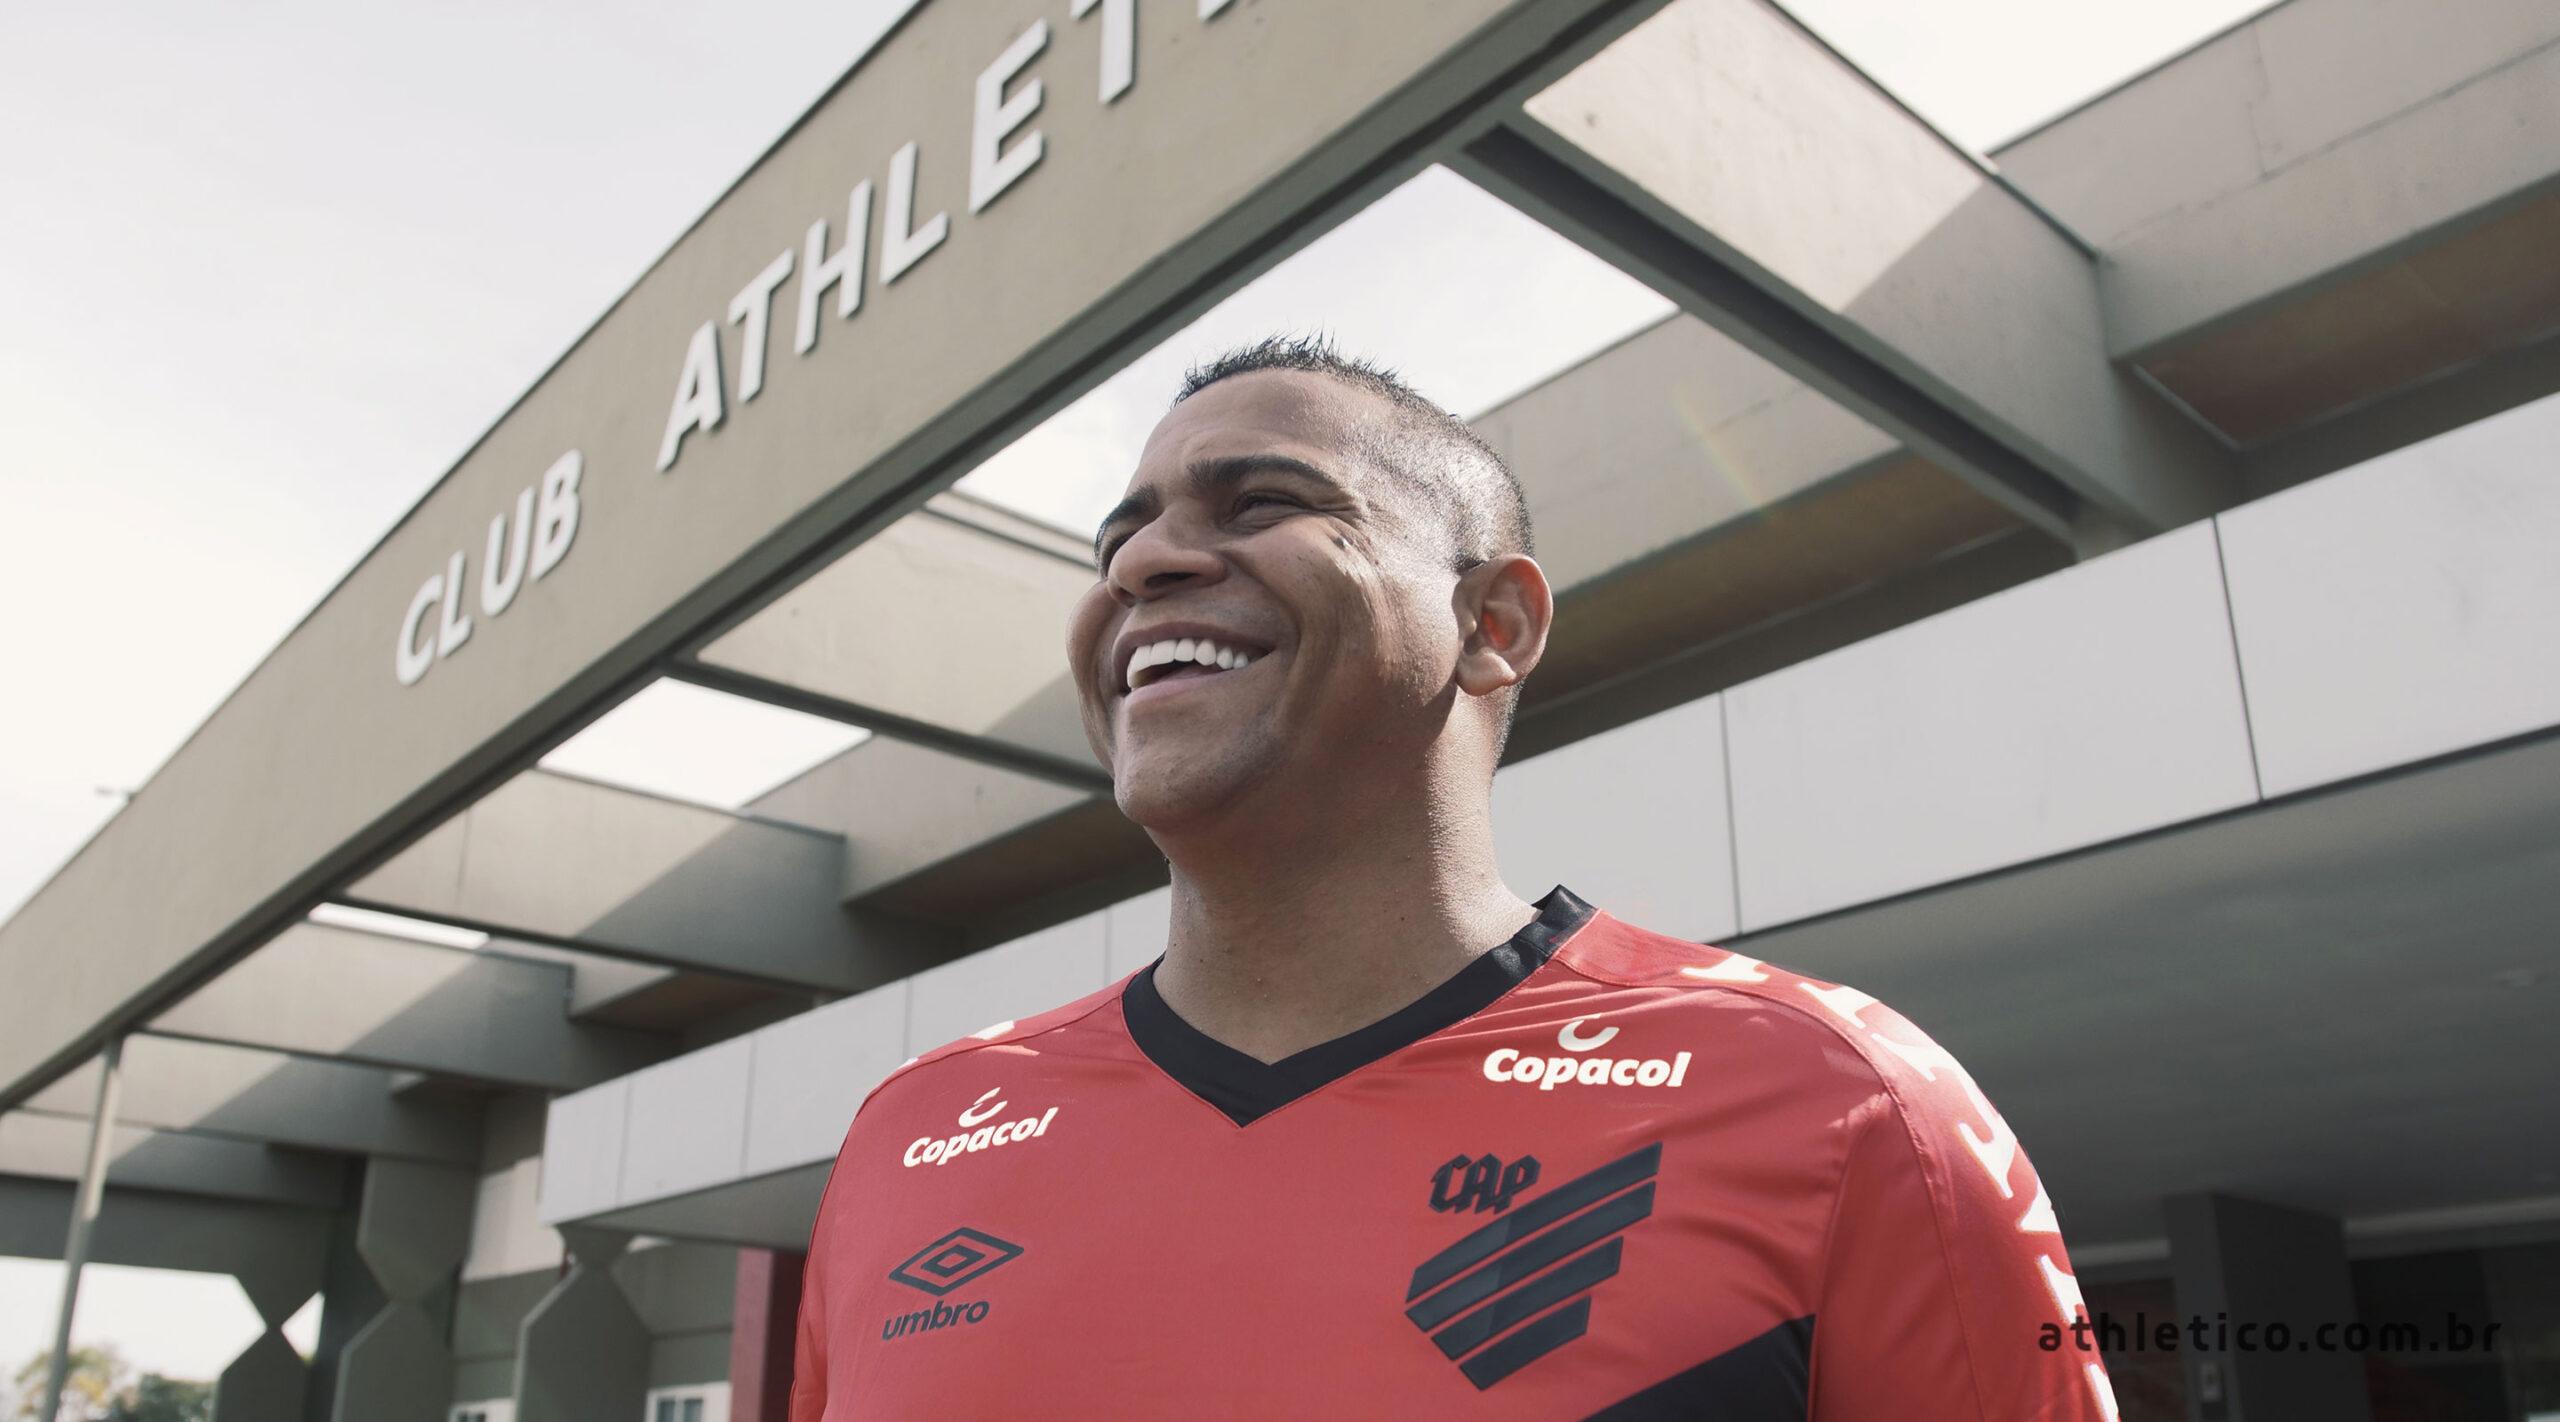 Athletico Paranaense oficializa a contratação do atacante Walter